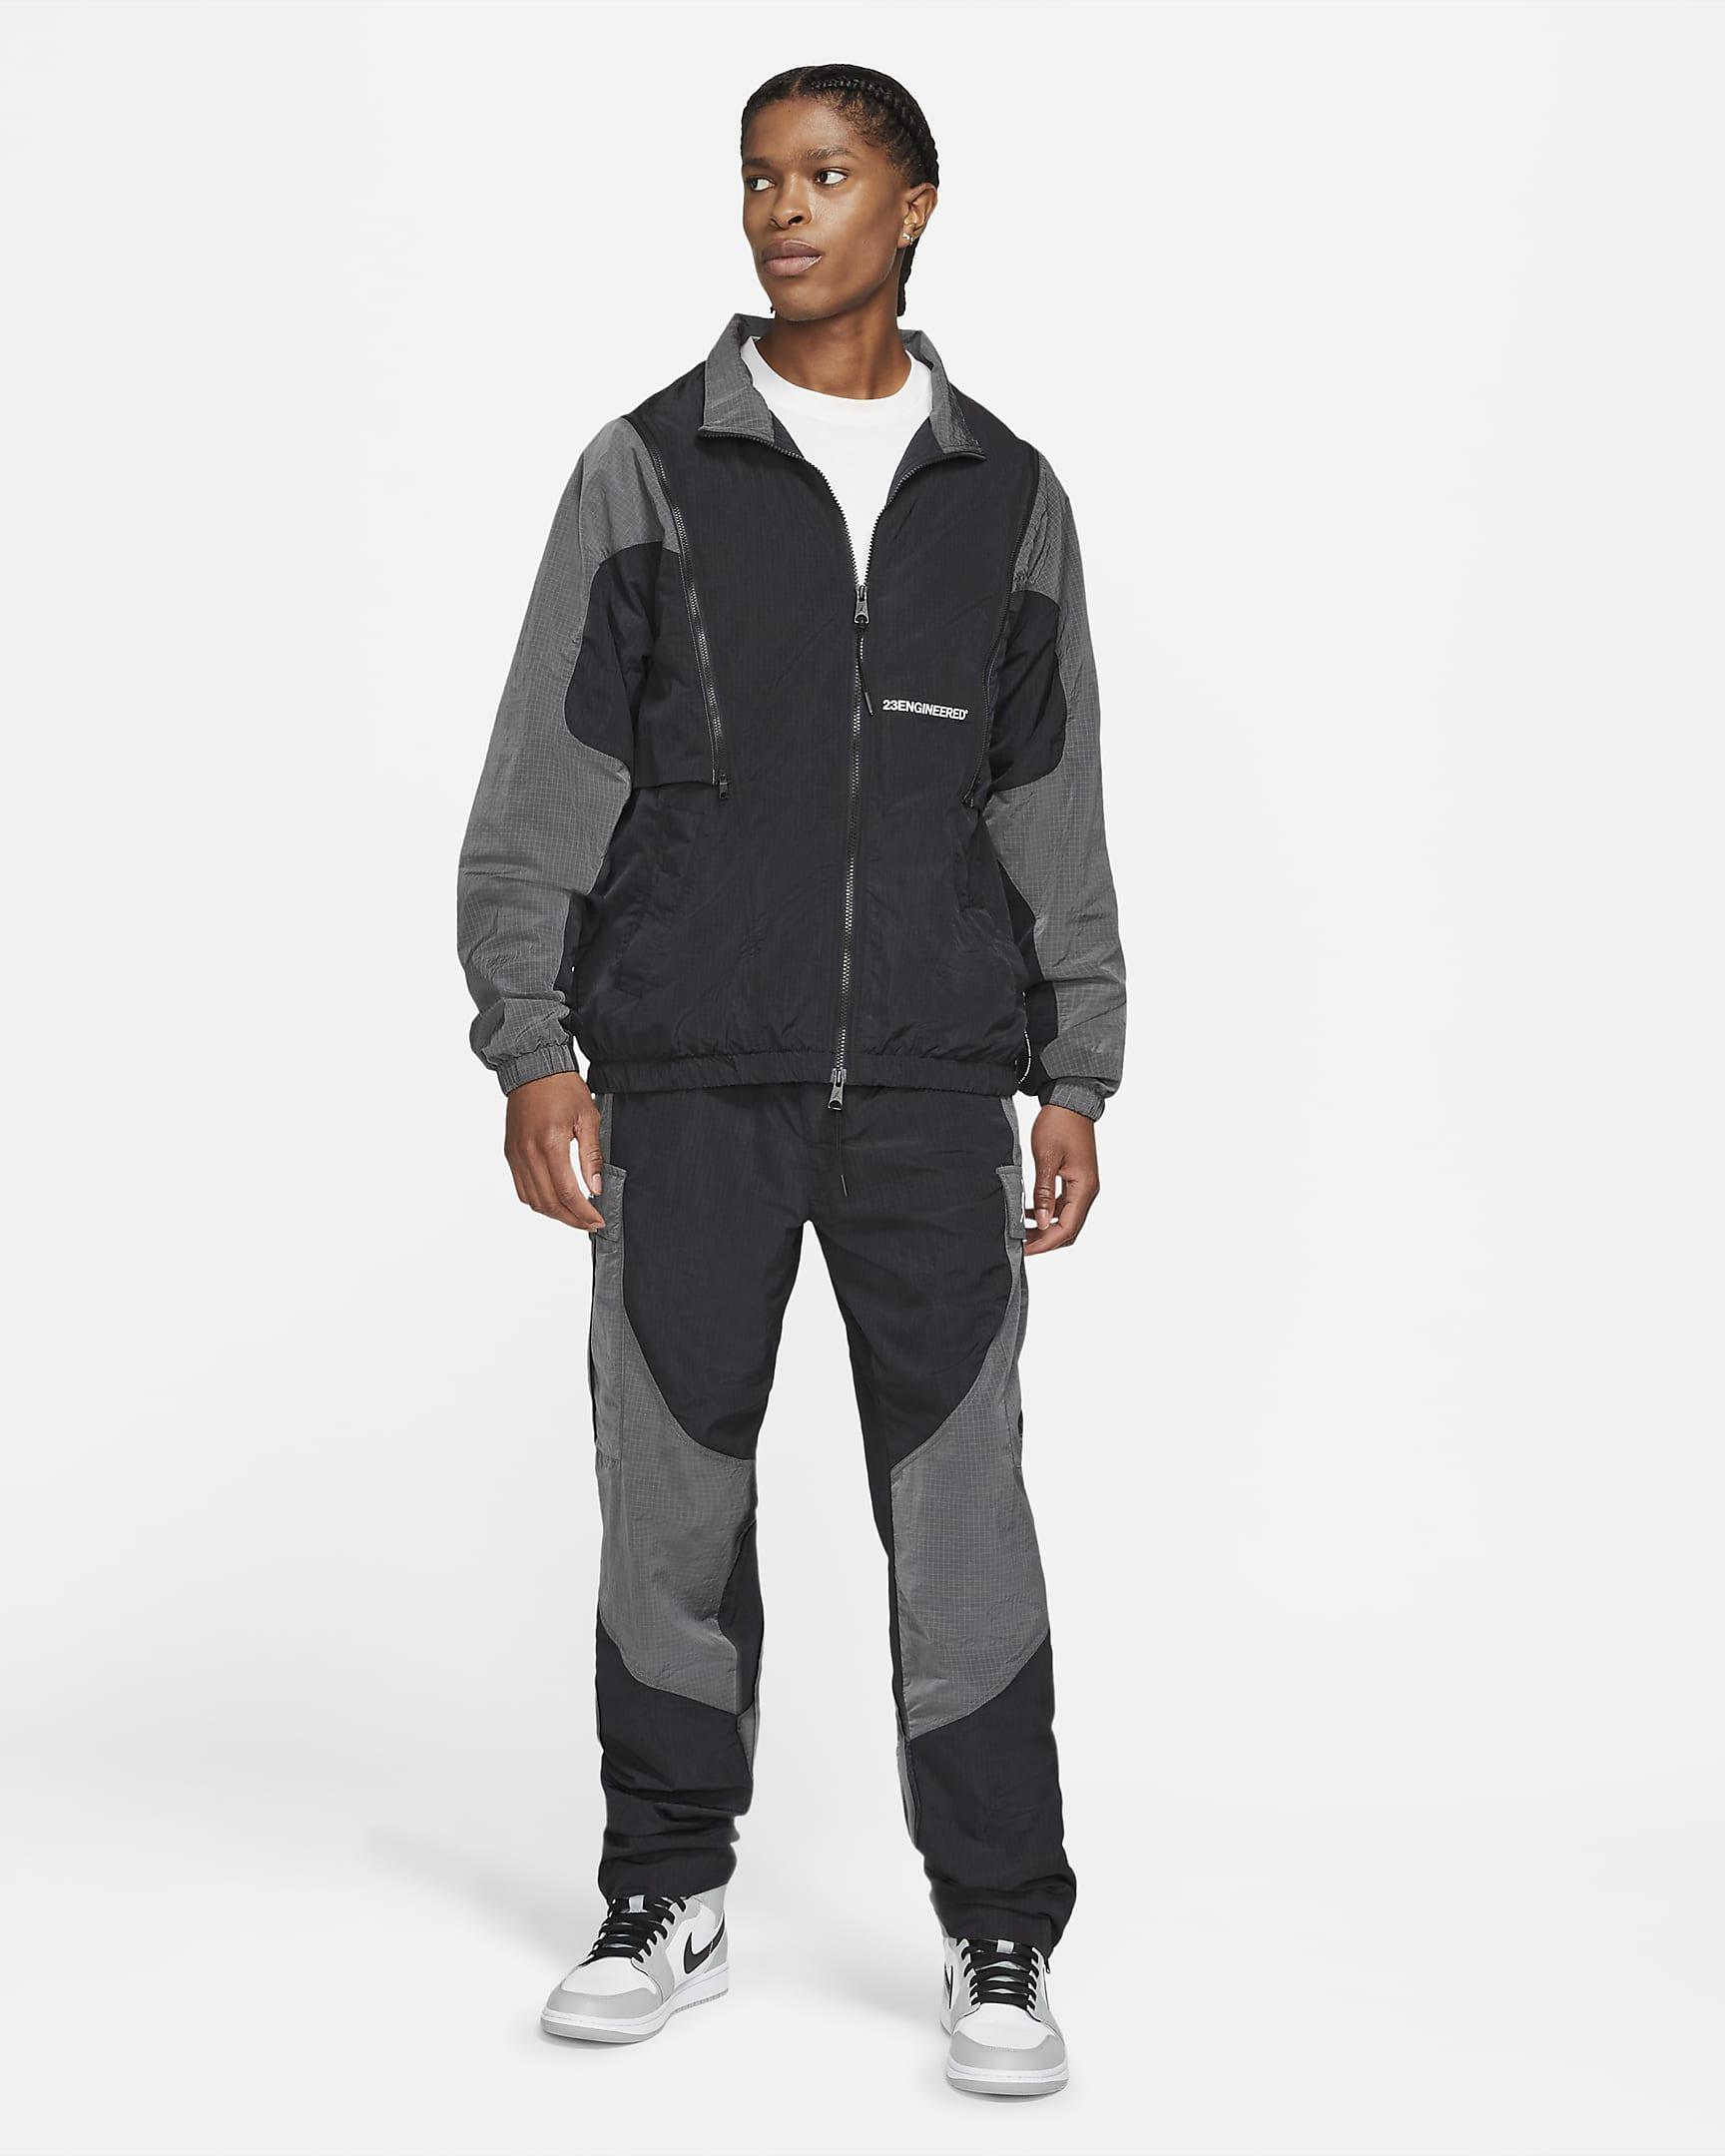 jordan-23-engineered-mens-woven-jacket-SFDMk2-7.png